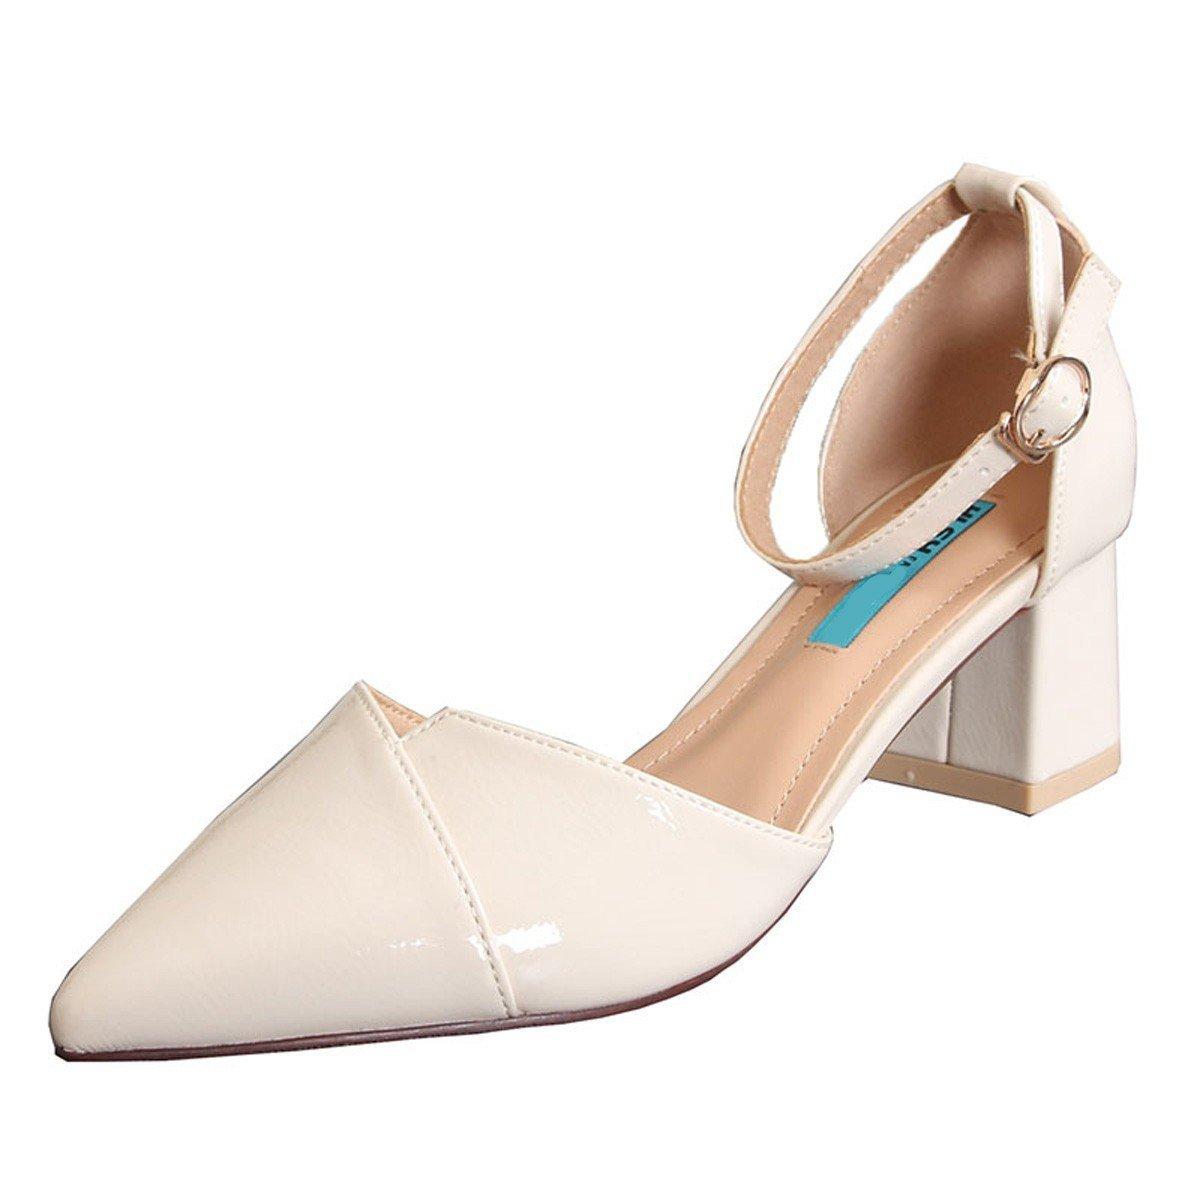 Zapatillas Sandalias Zapatos  Un Solo botón, Tacones Altos de 6 cm, Simple y Generoso, Grueso con Zapatos Individuales, Hembra, Punta Hueca, Primavera 36 EU|Beige